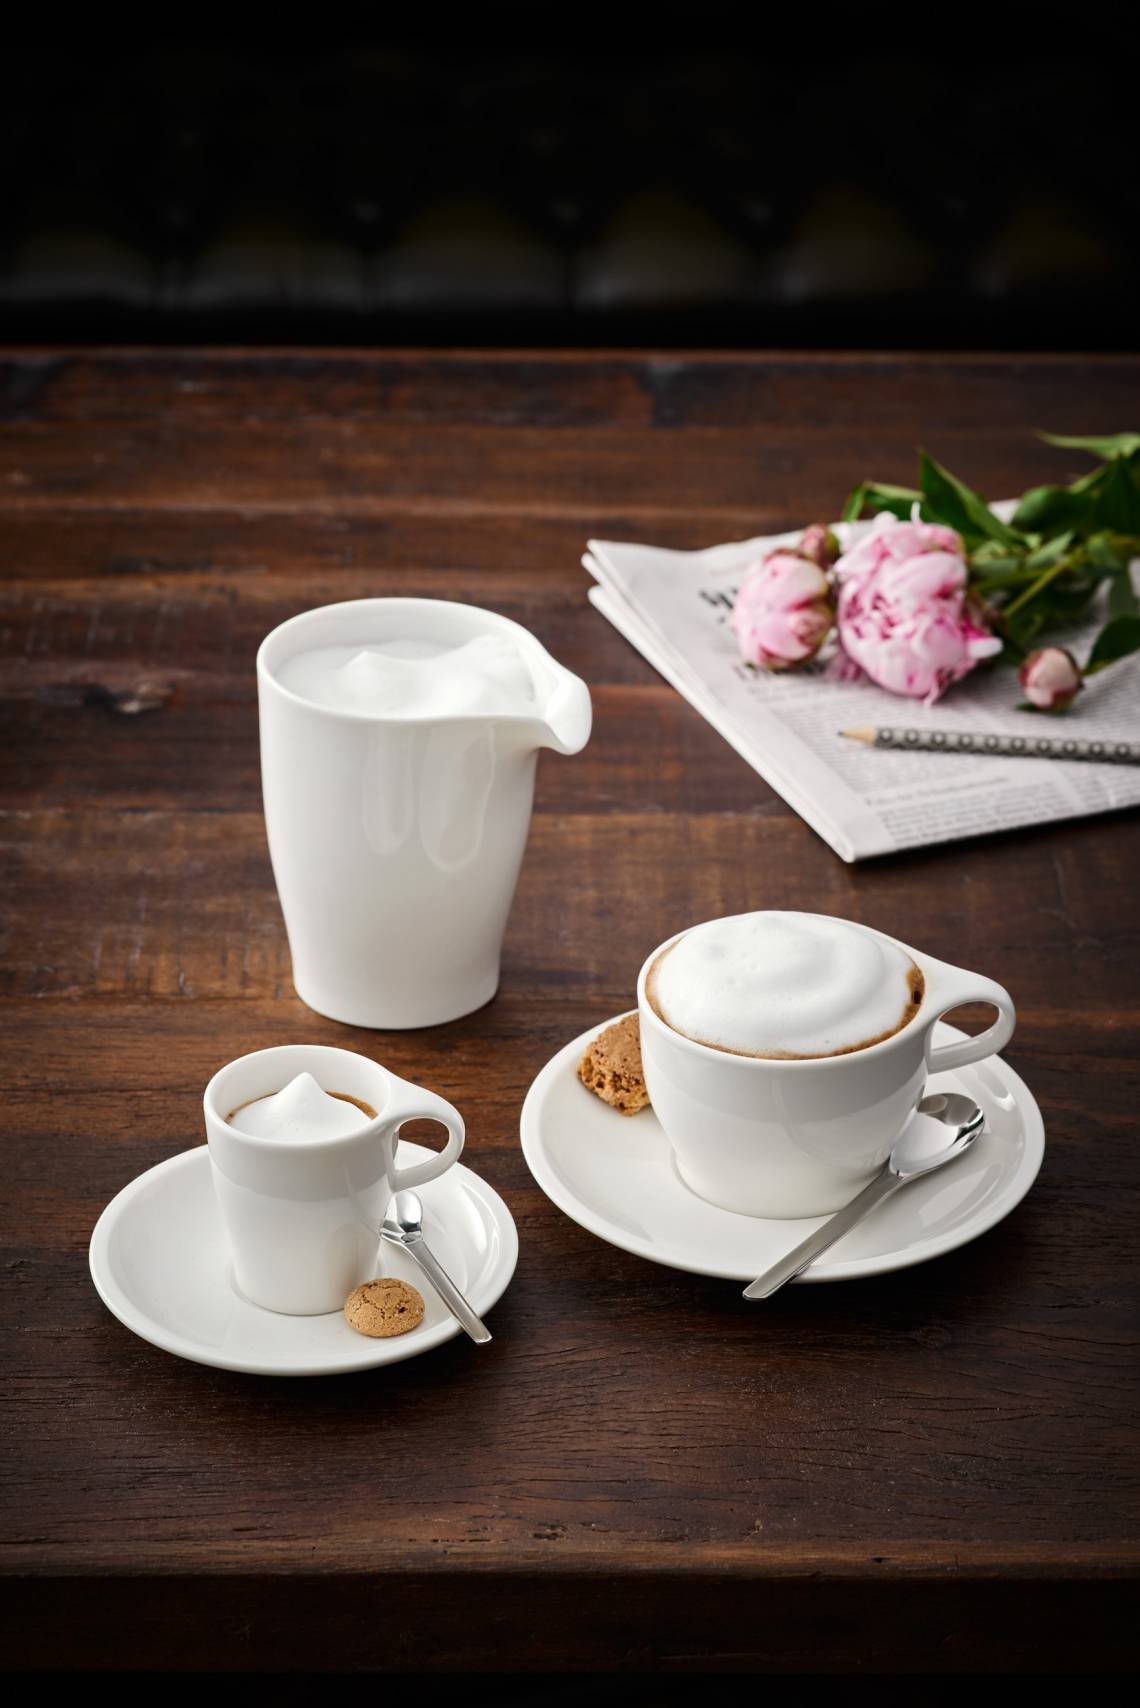 Villeroy und Boch Coffee Passion Milchkännchen, Cappucchino- und Espresso-Set Milieu